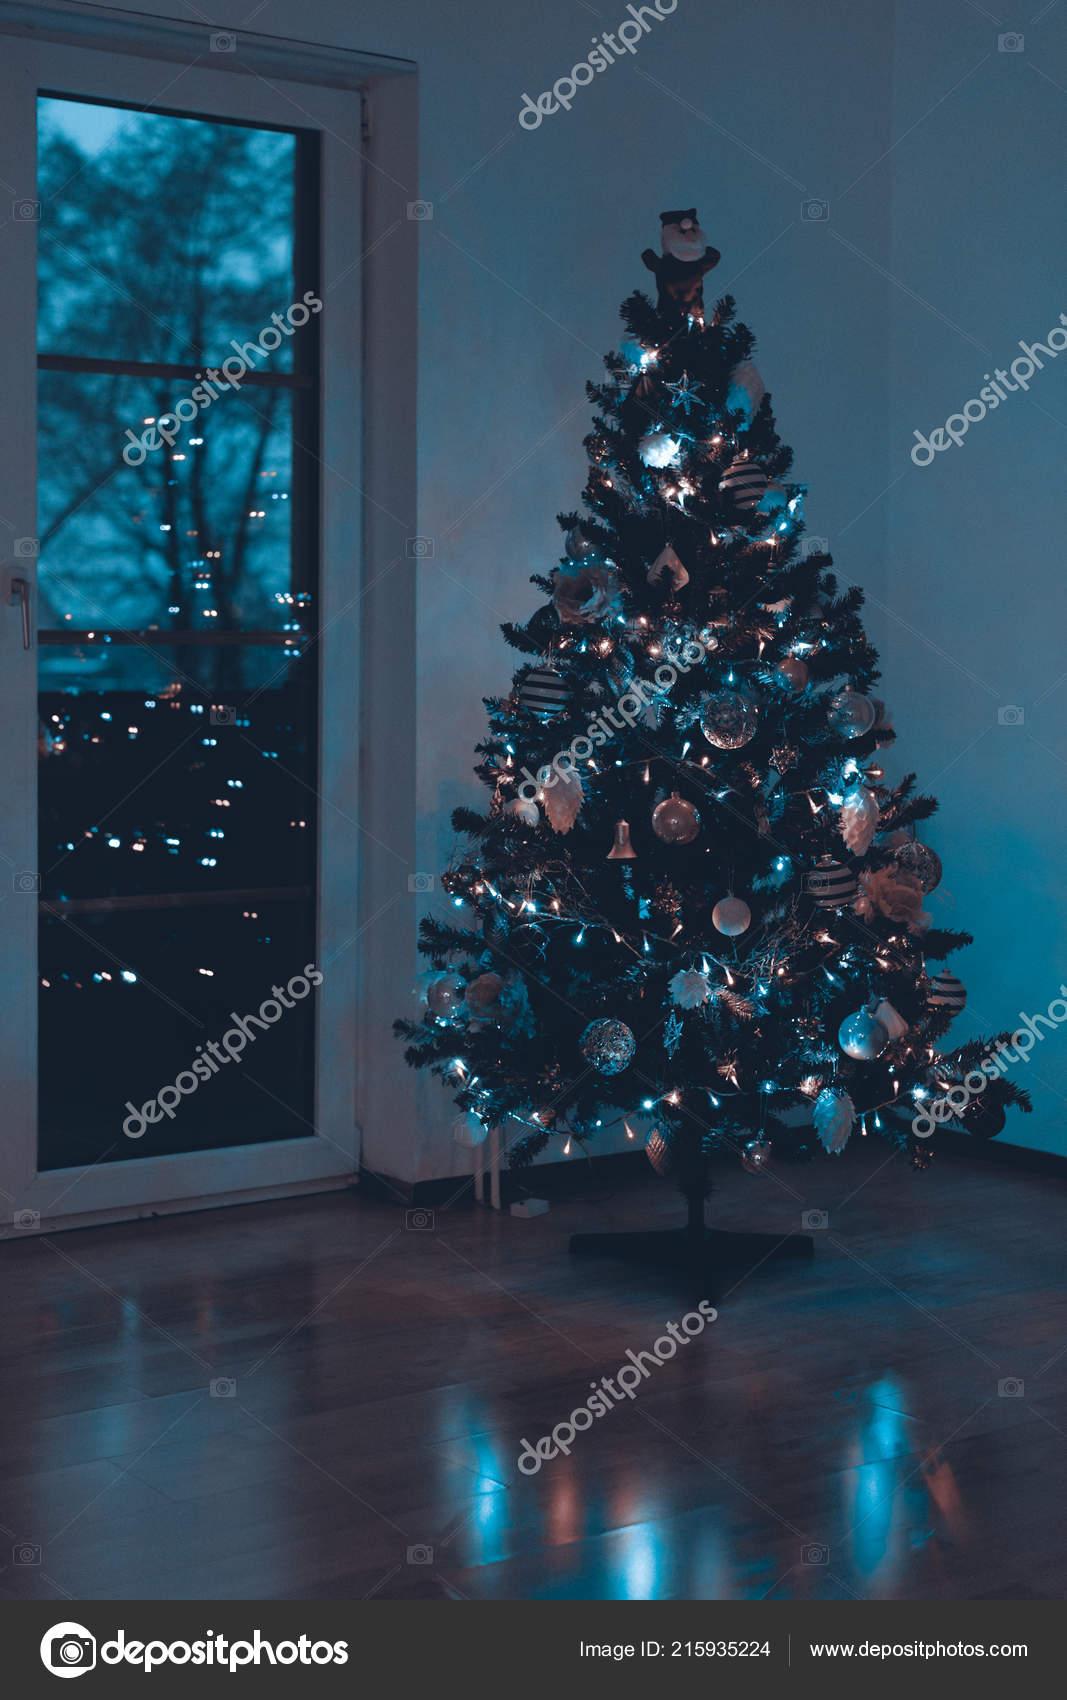 Beleuchtete Bilder Weihnachten.Schön Dekorierte Und Beleuchtete Weihnachtsbaum Der Nacht